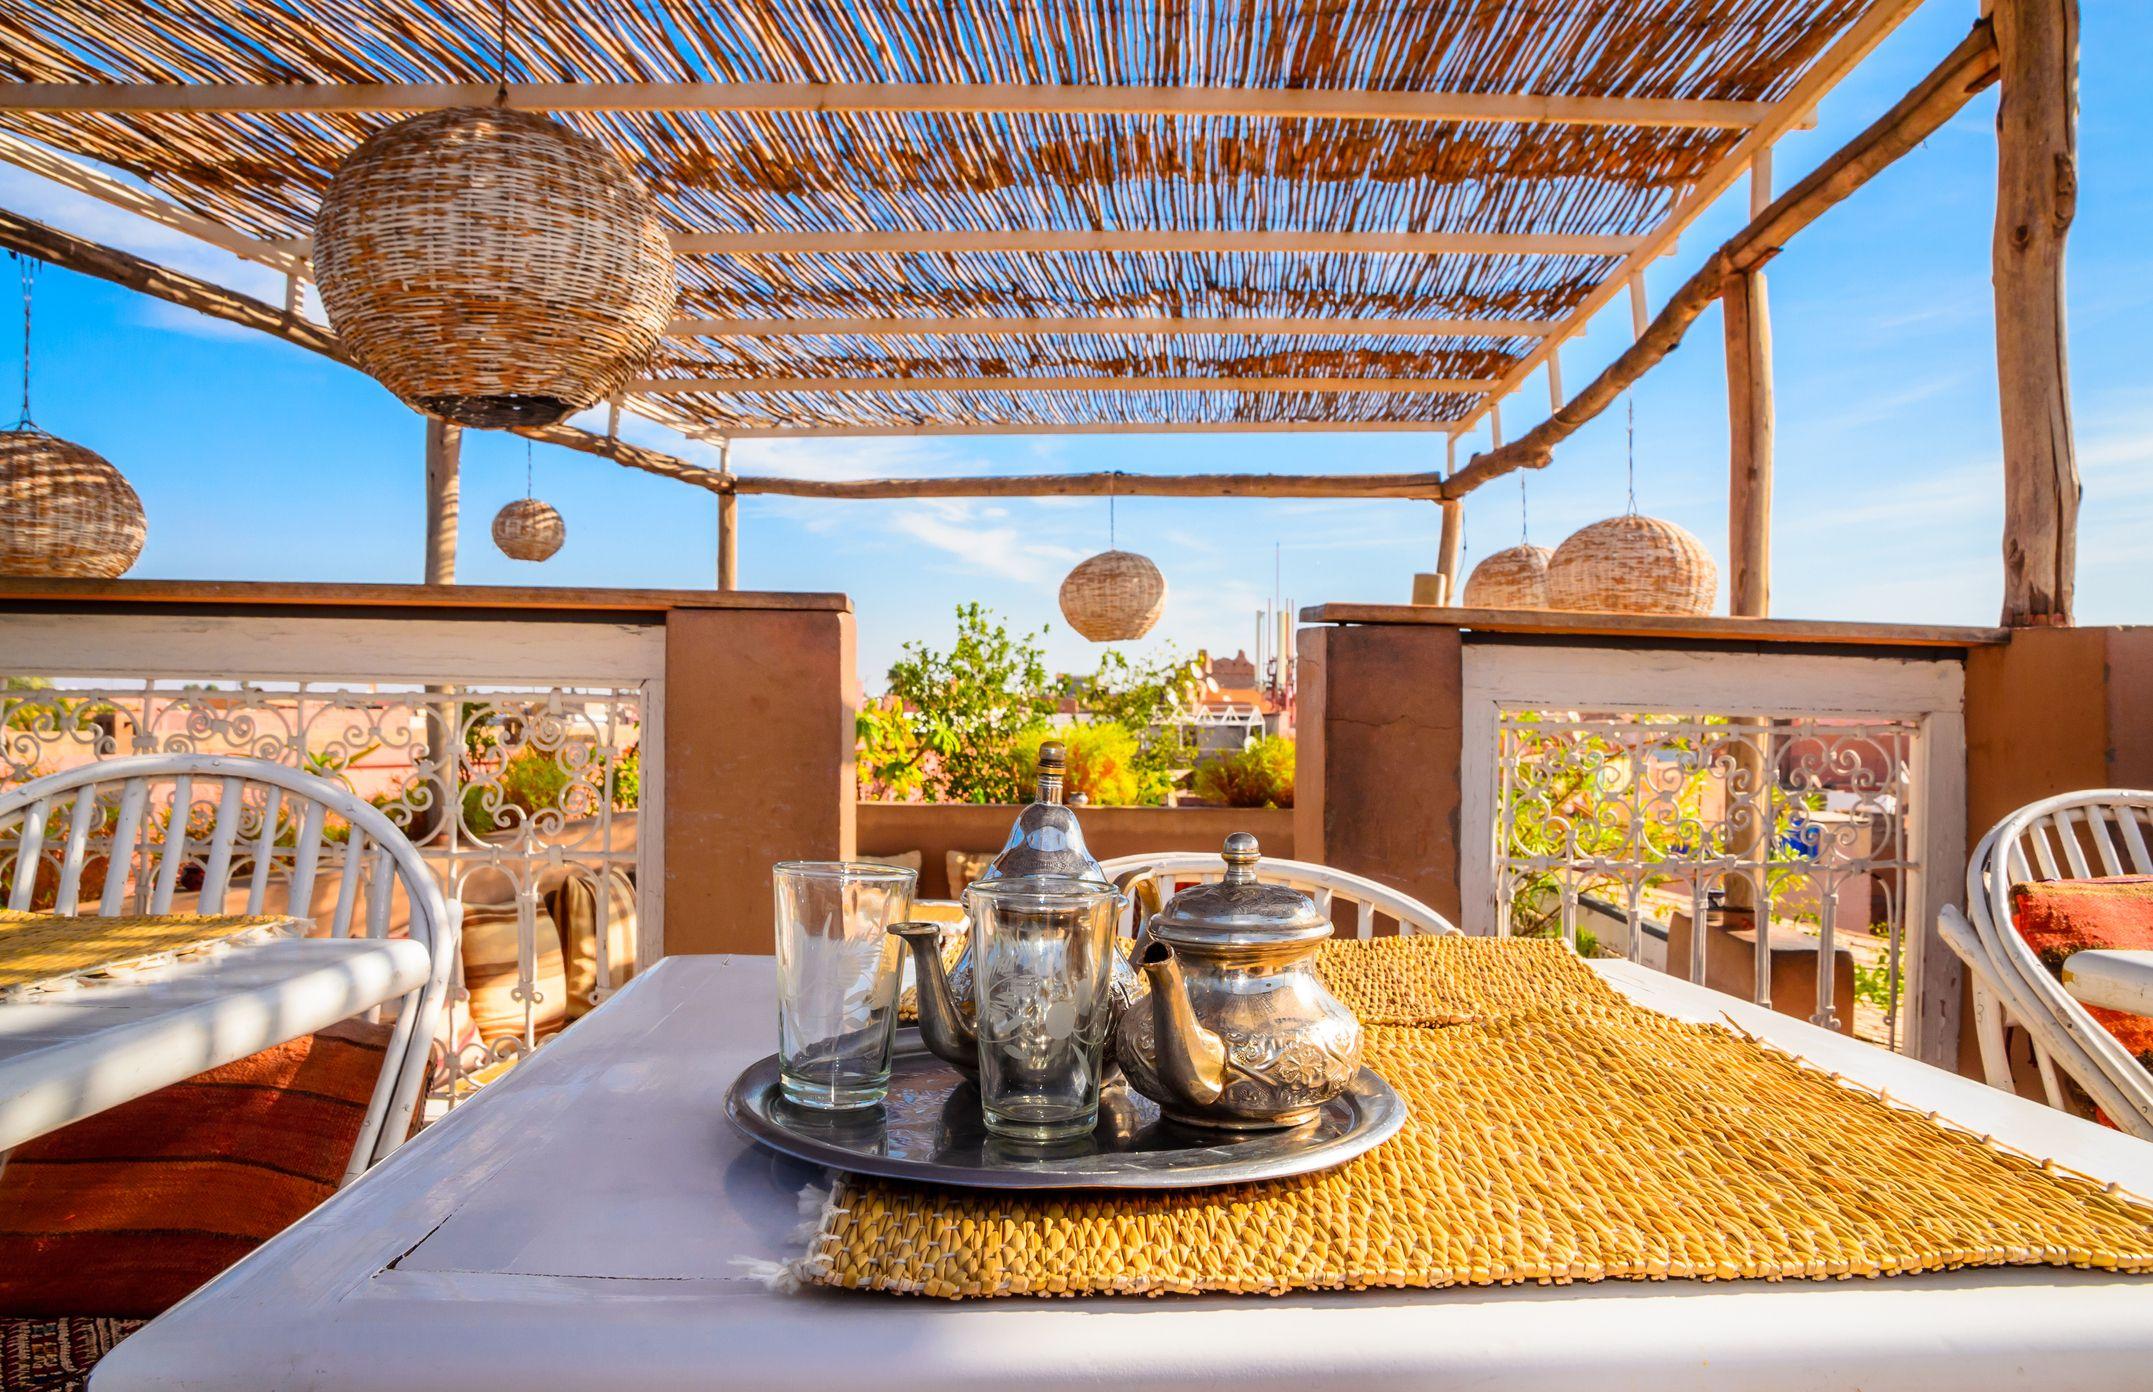 Spring Break 2019 - Morocco